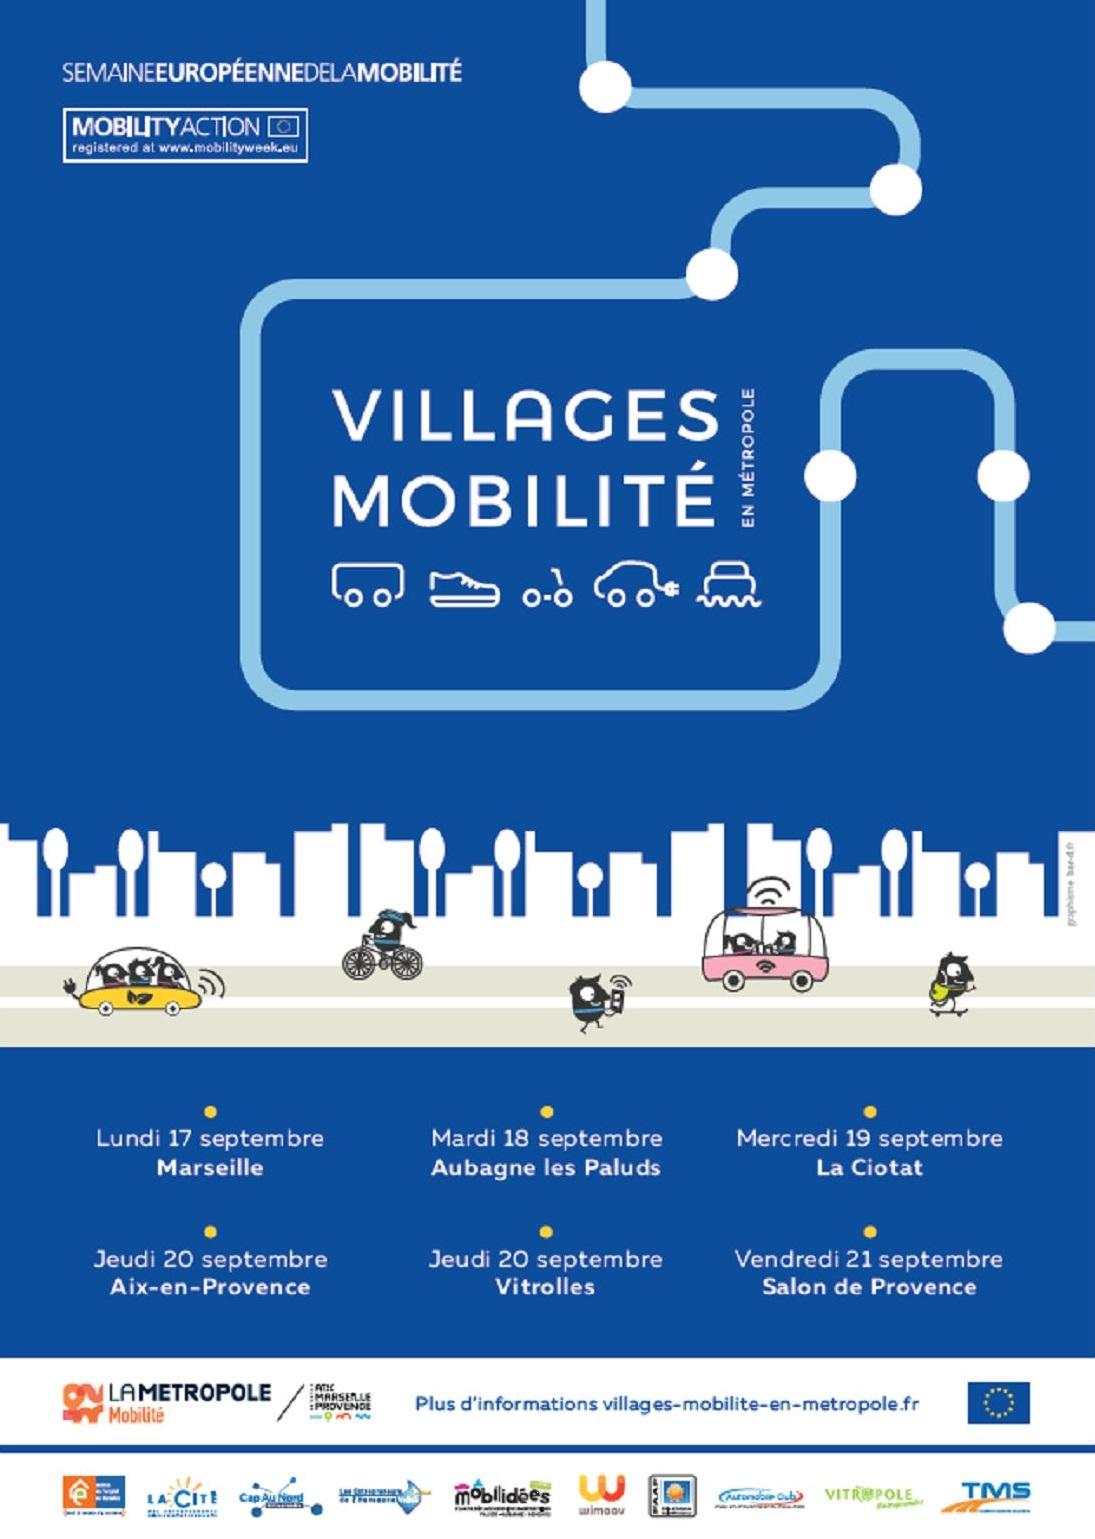 villages mobilite